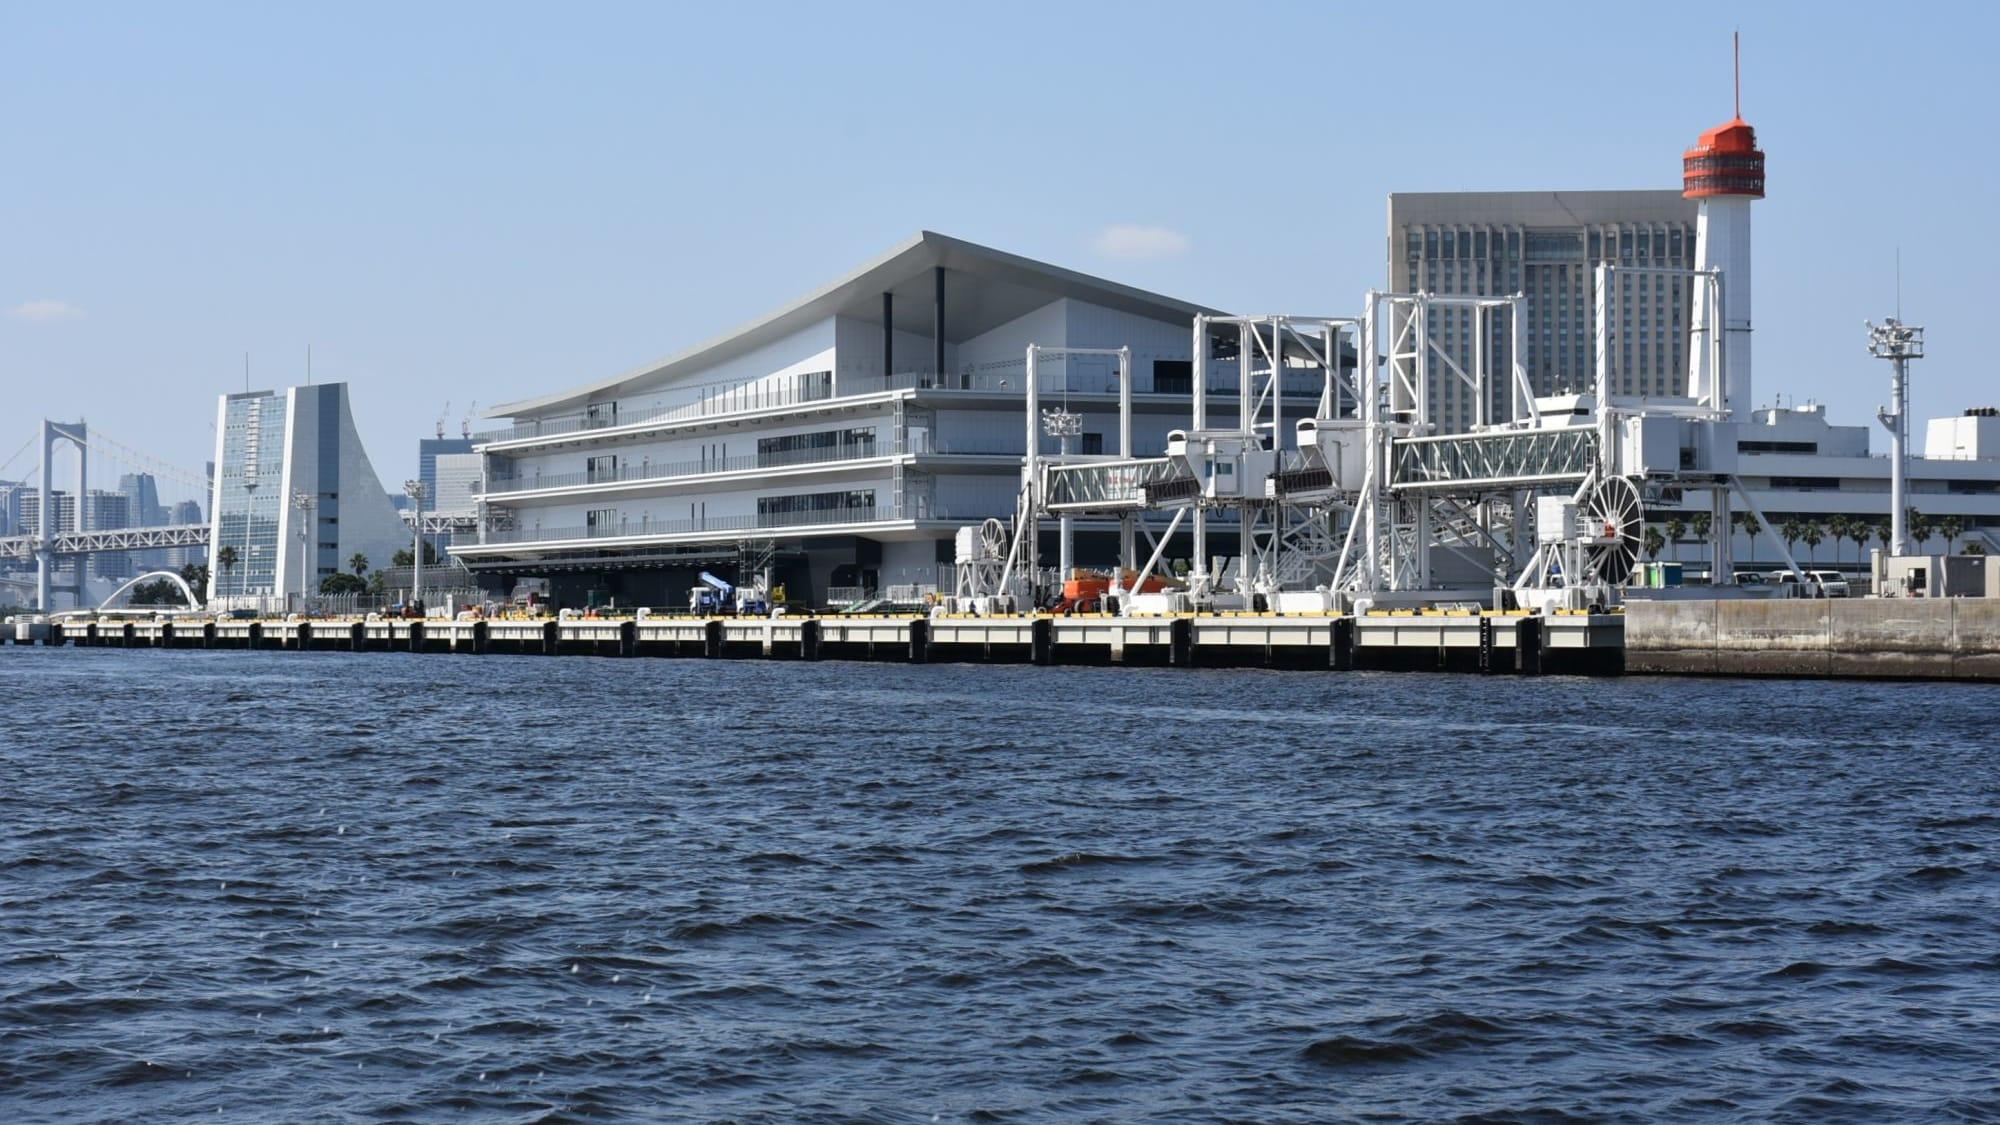 ほとんど完成している東京国際クルーズターミナル